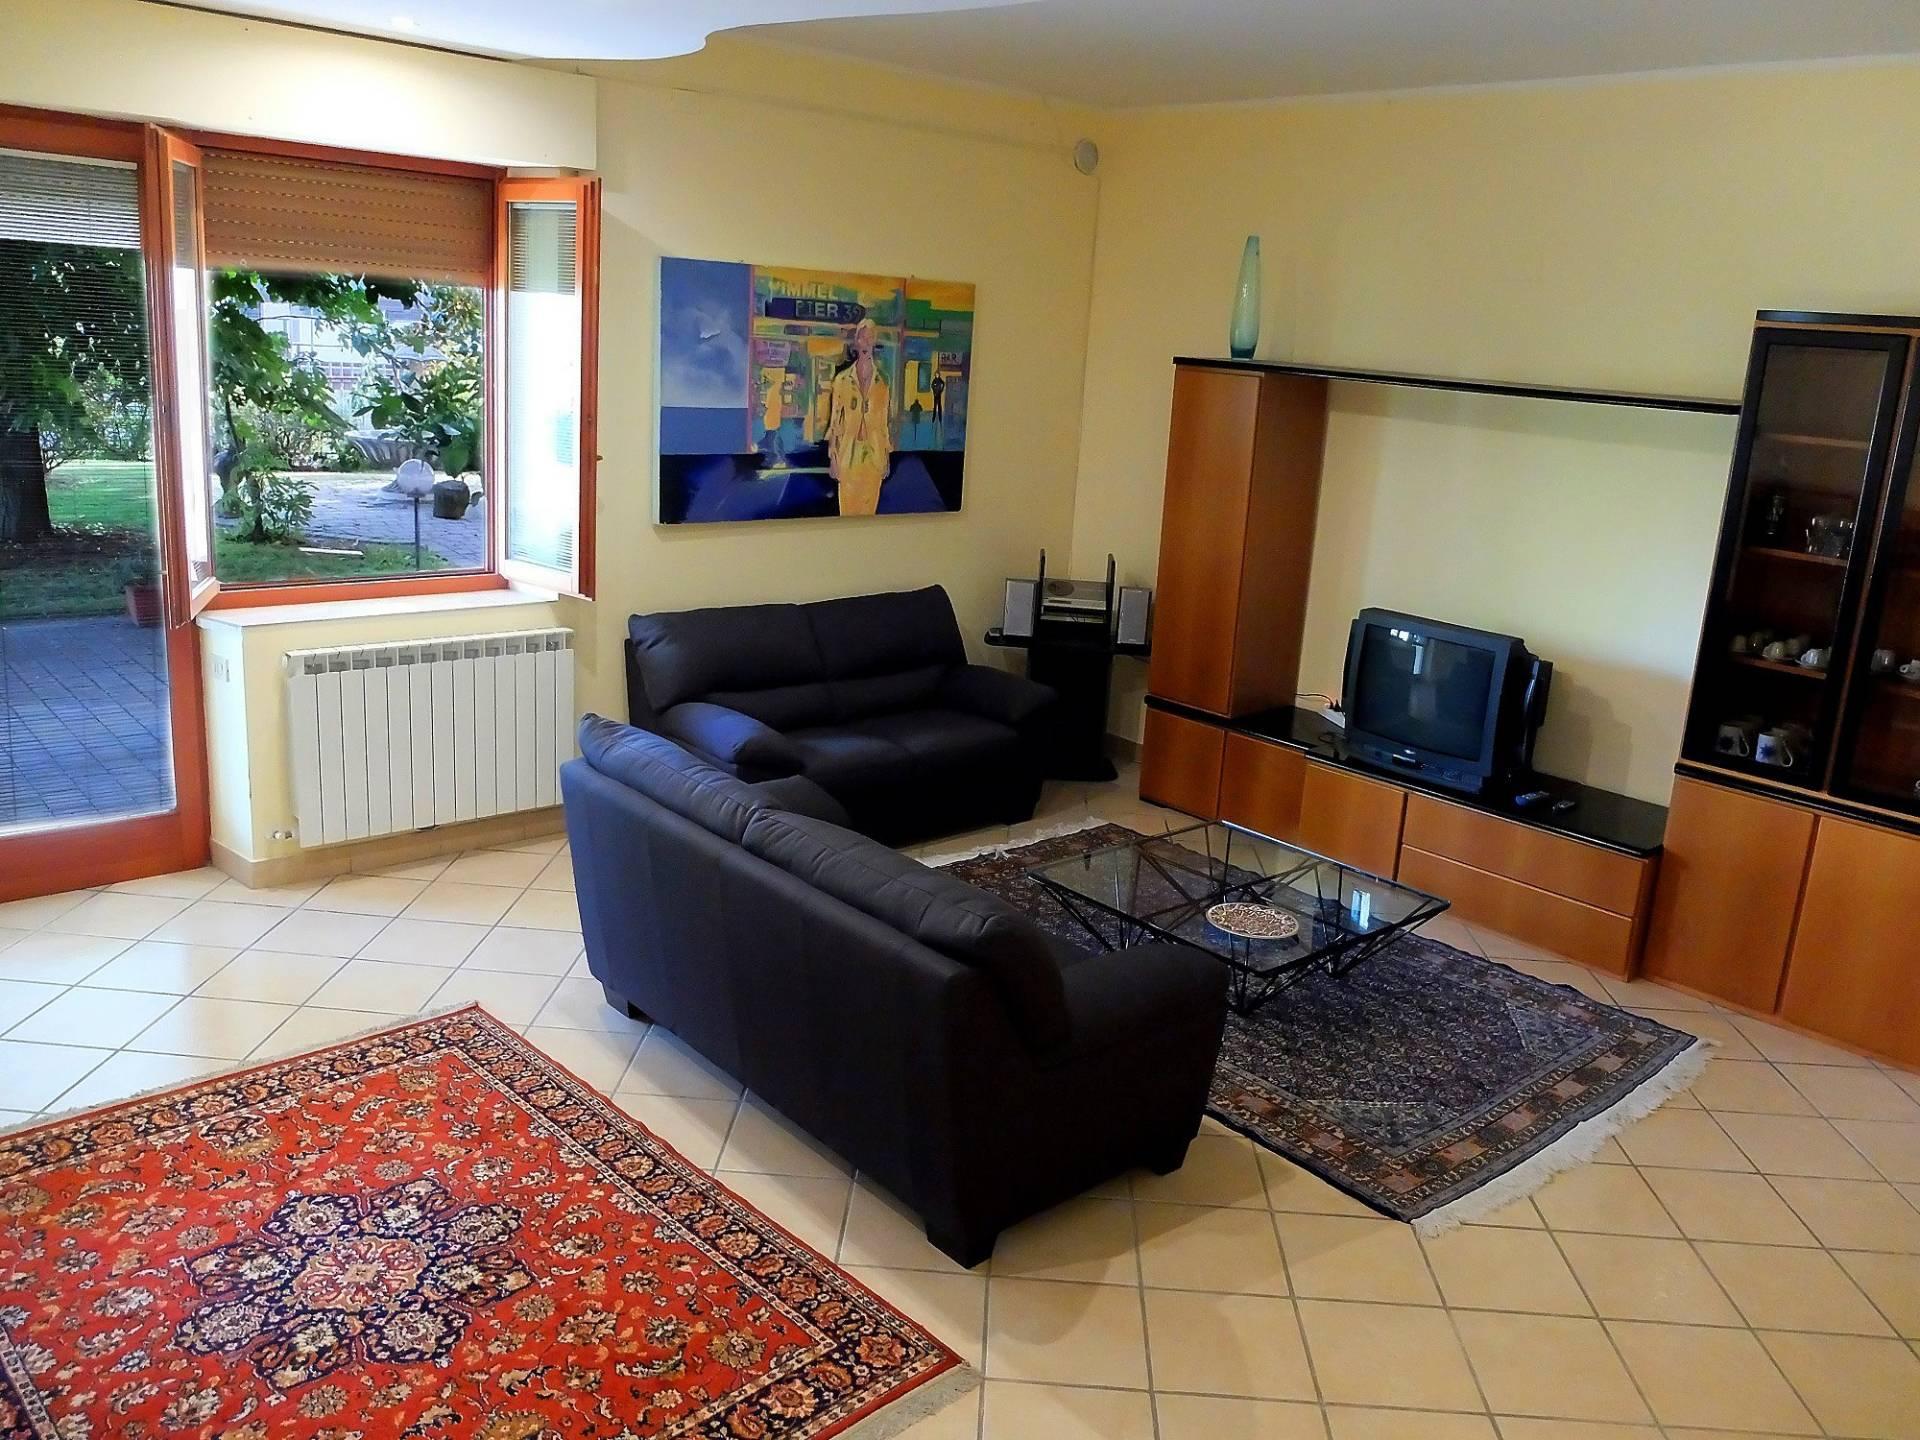 Appartamento in vendita a Fabriano, 5 locali, zona Località: PERIFERIA, Trattative riservate | CambioCasa.it